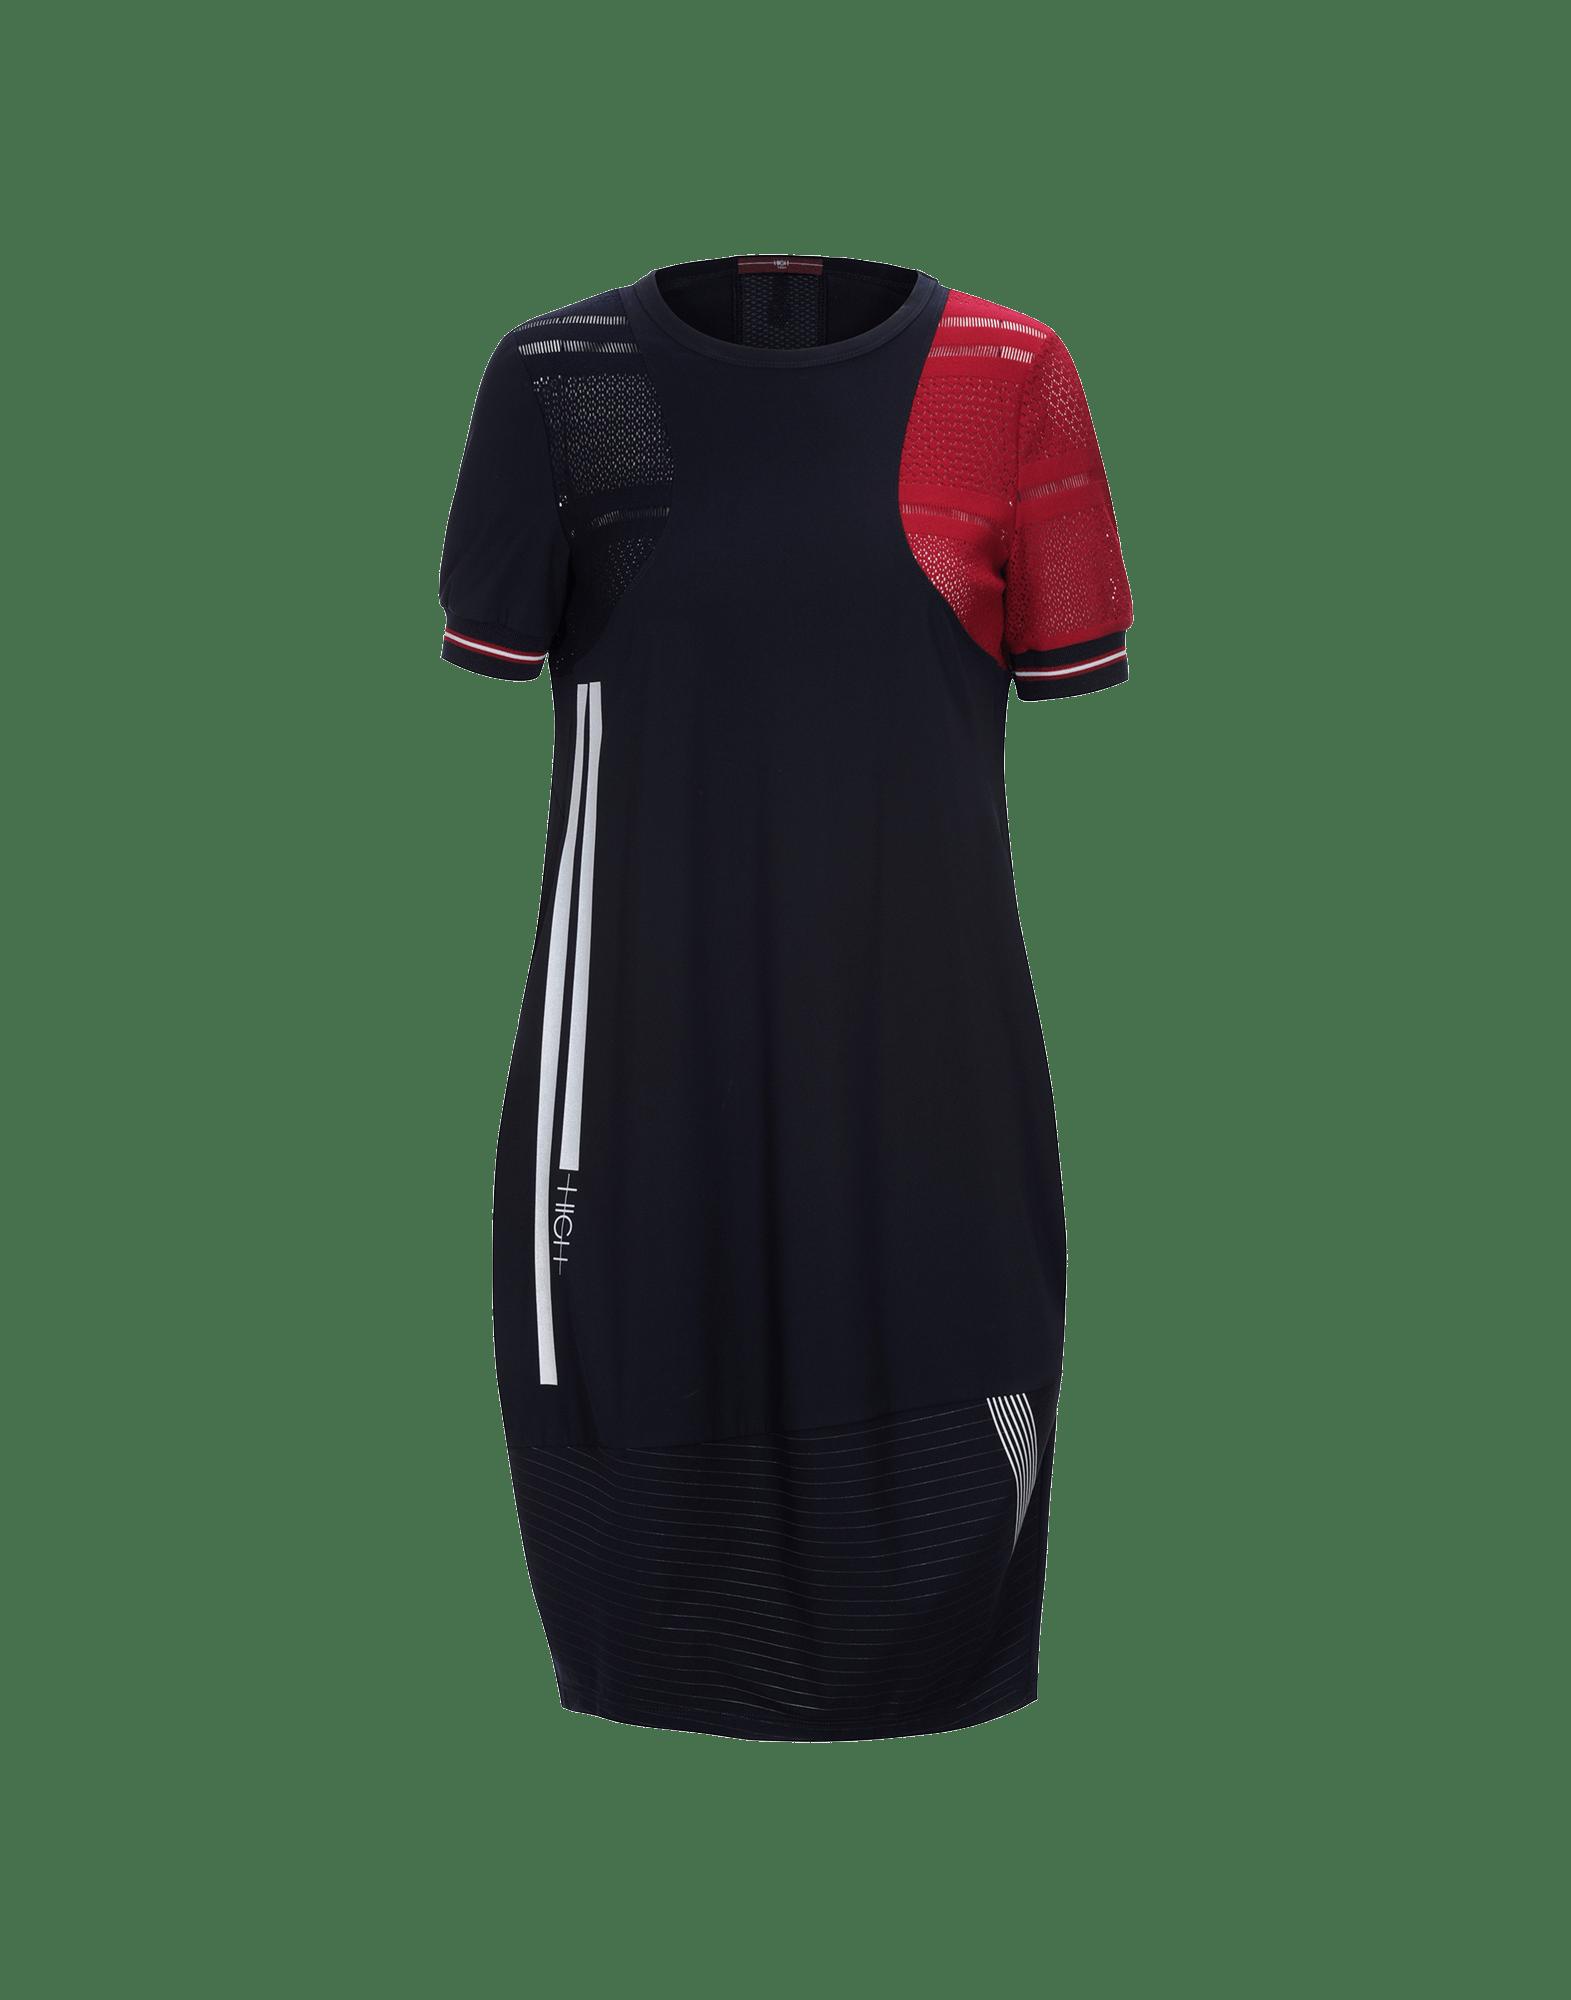 JUNCTION: Gerade geschnittenes Kleid aus unifarbenem Stoff,  Nadelstreifenstoff und Netzstoff.